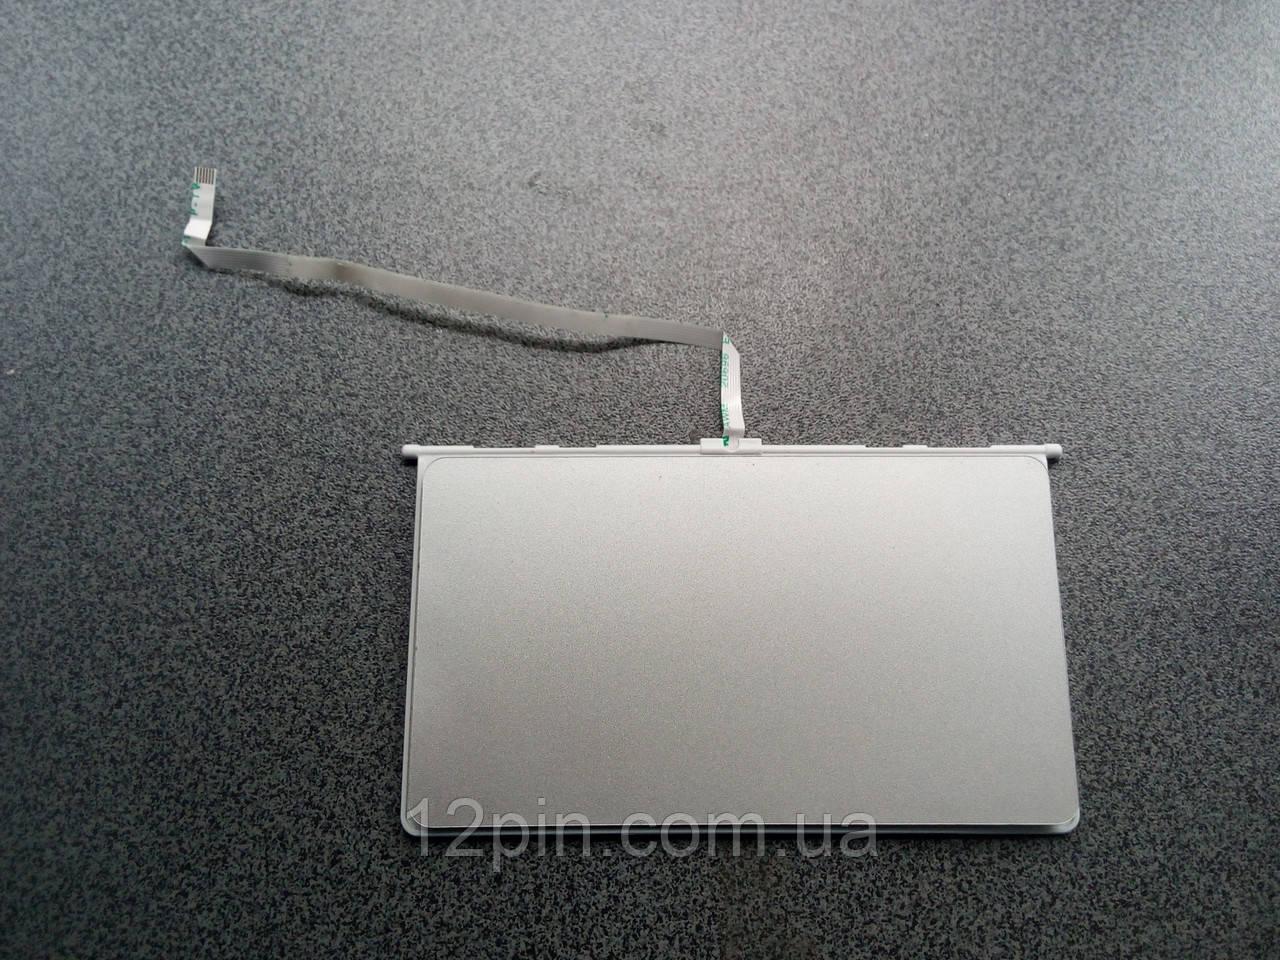 Тачпад SONY VAIO SVT13124CXS Ultrabook б.у. оригинал.